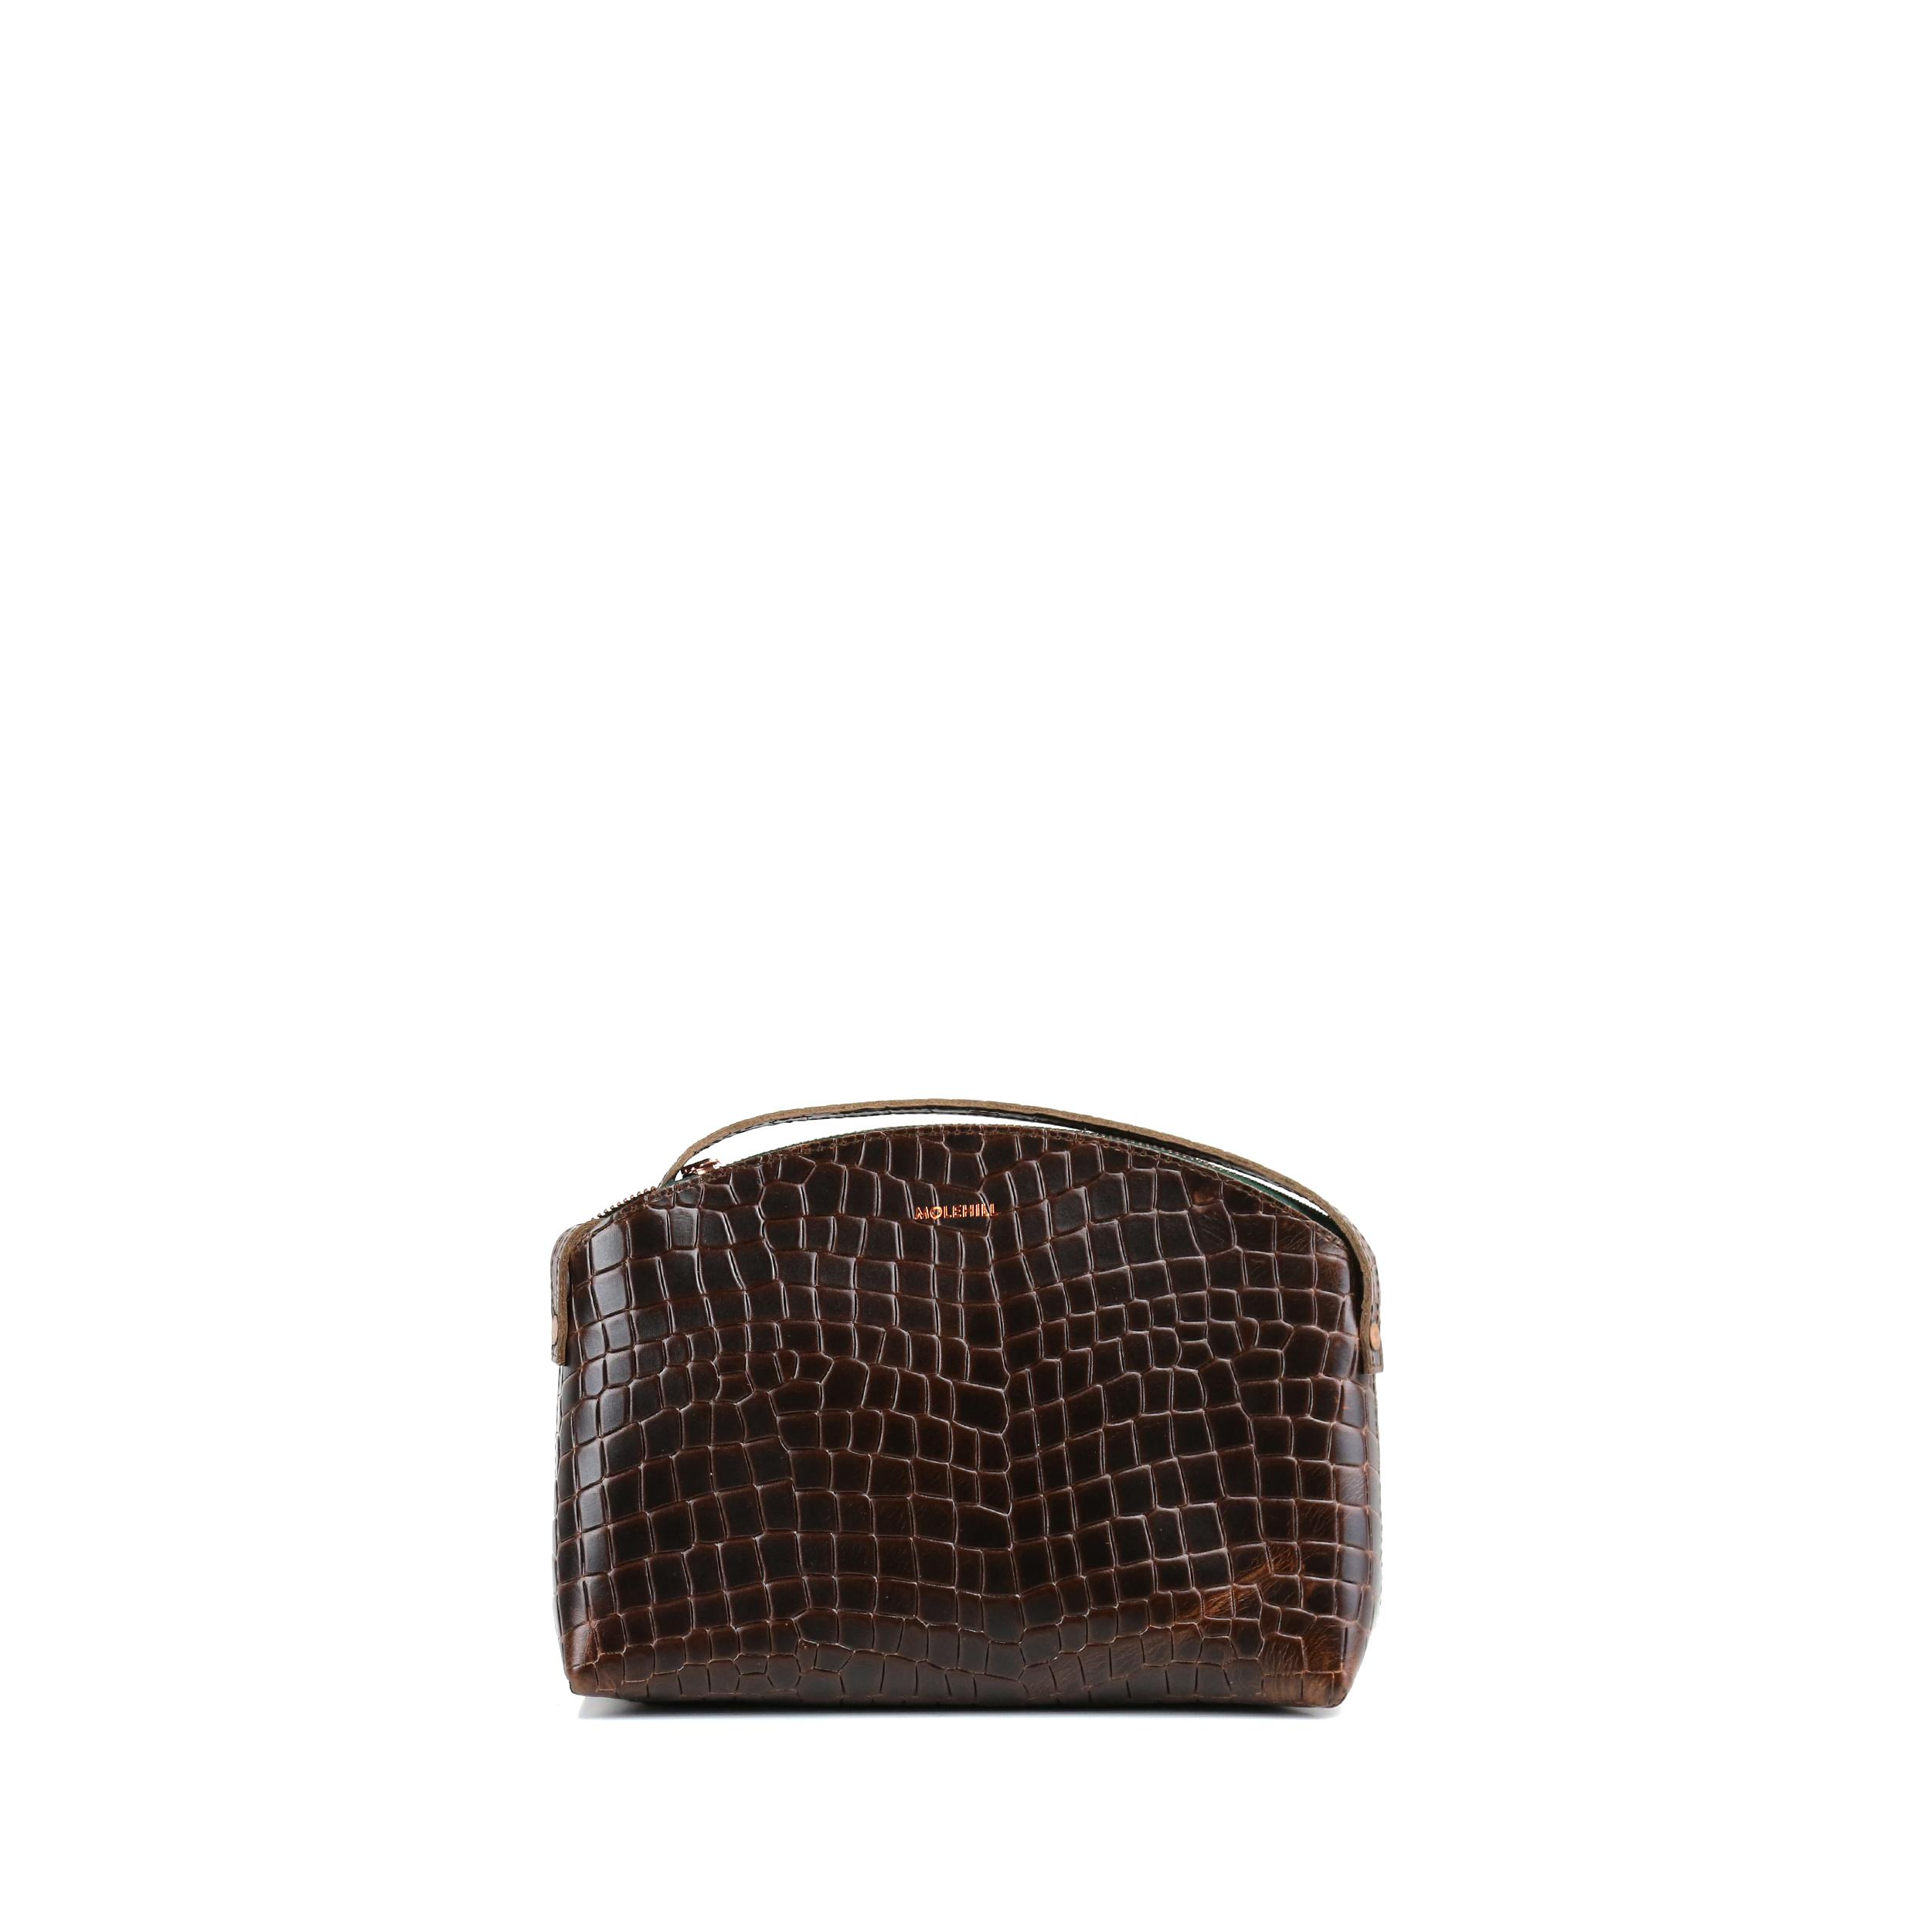 TIMI Crossbody Bag Croco Sample Sale No. 2-1